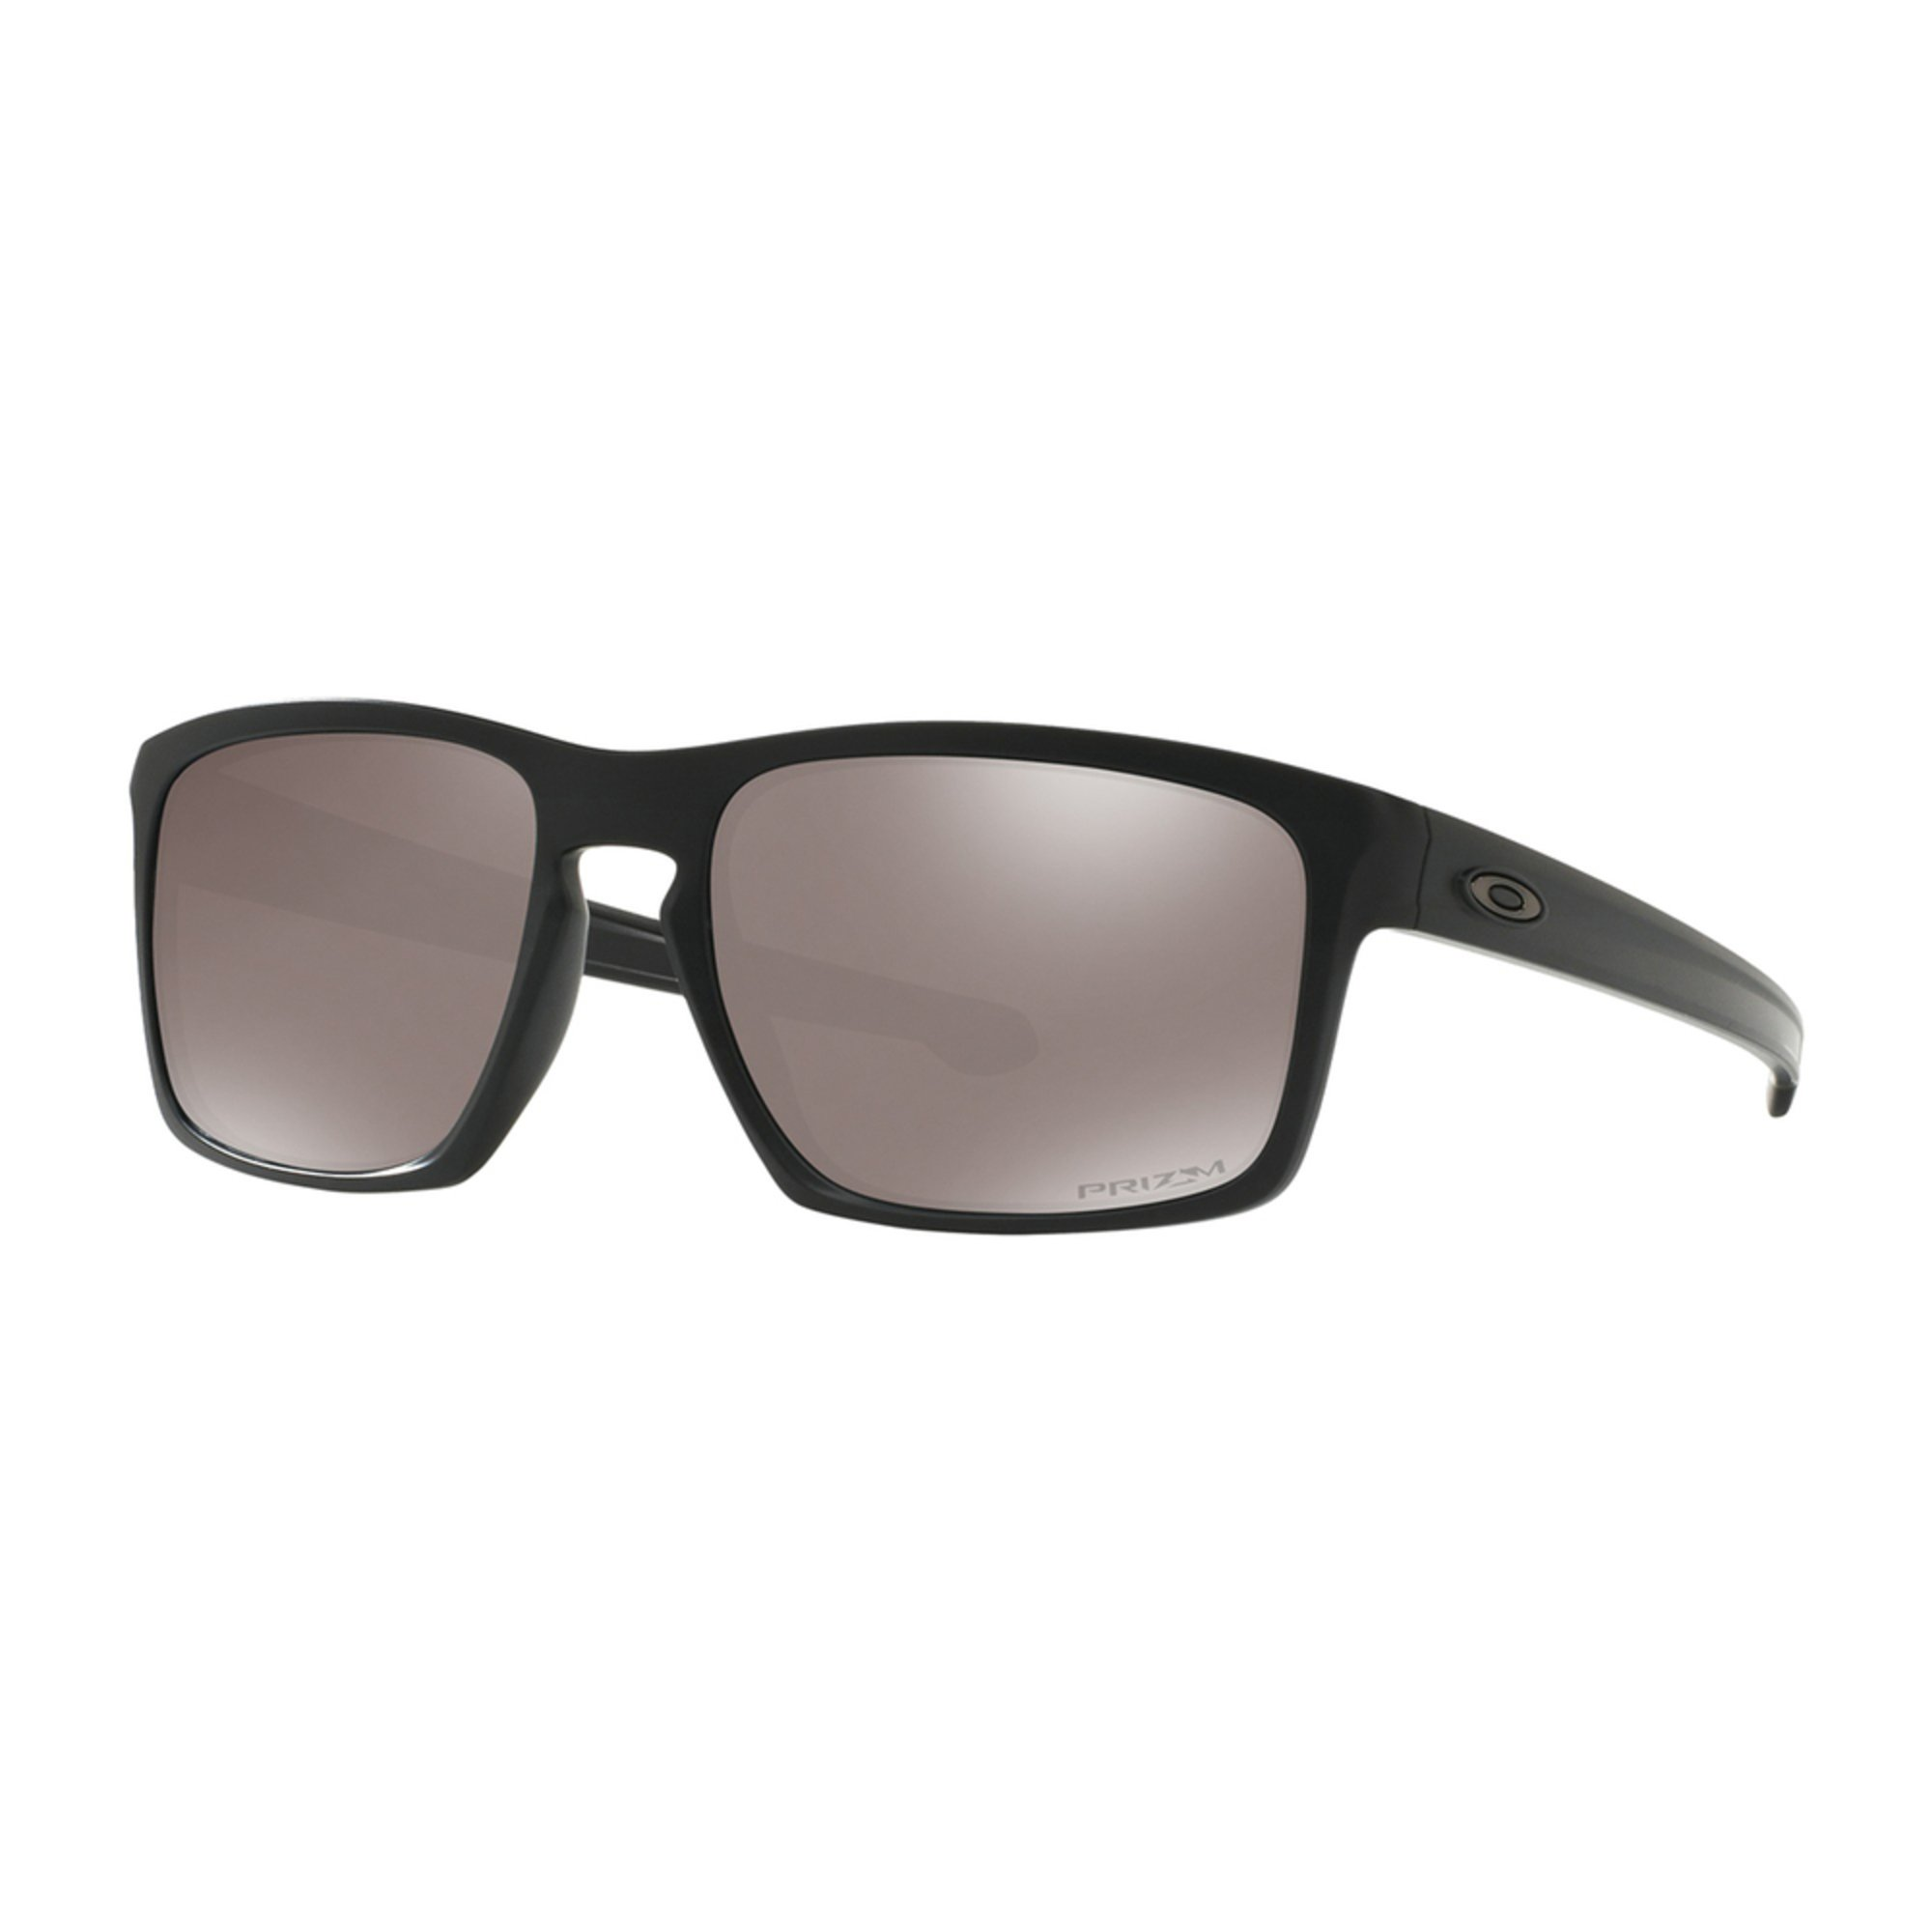 f8518a49e65 Oakley. Oakley Men s Polarized Prizm Sunglasses